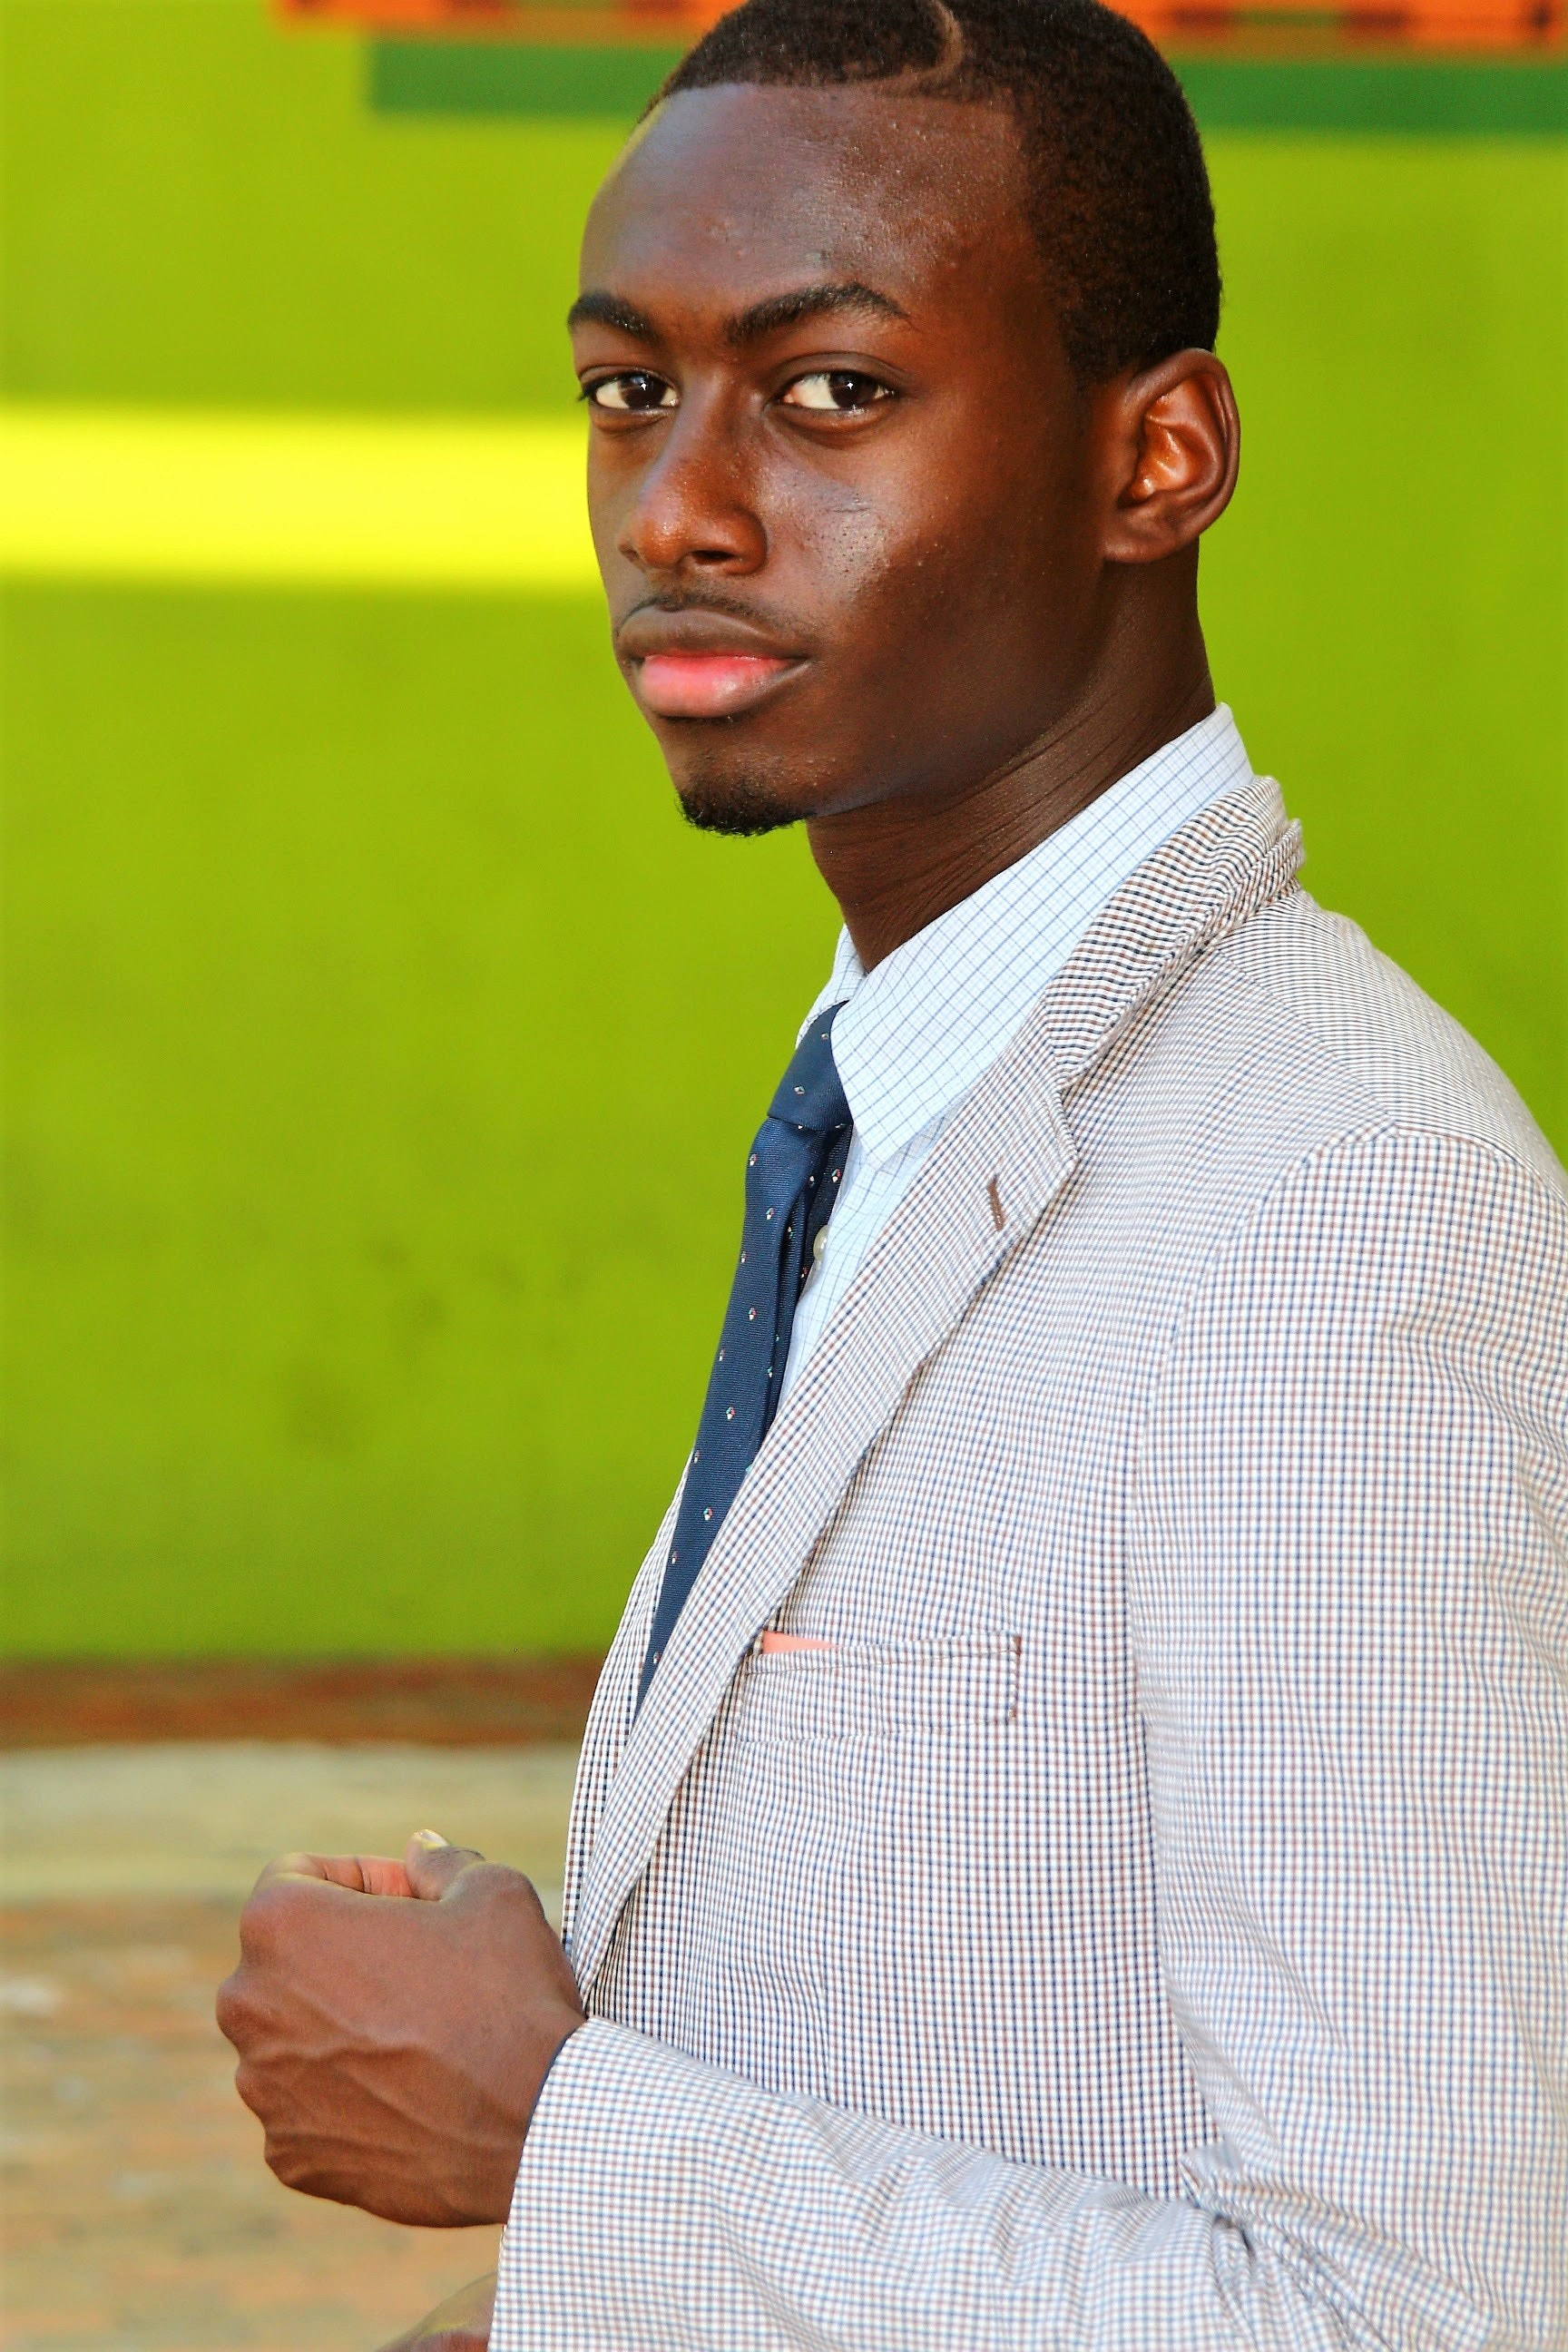 Joshua Josey's Model portfolio